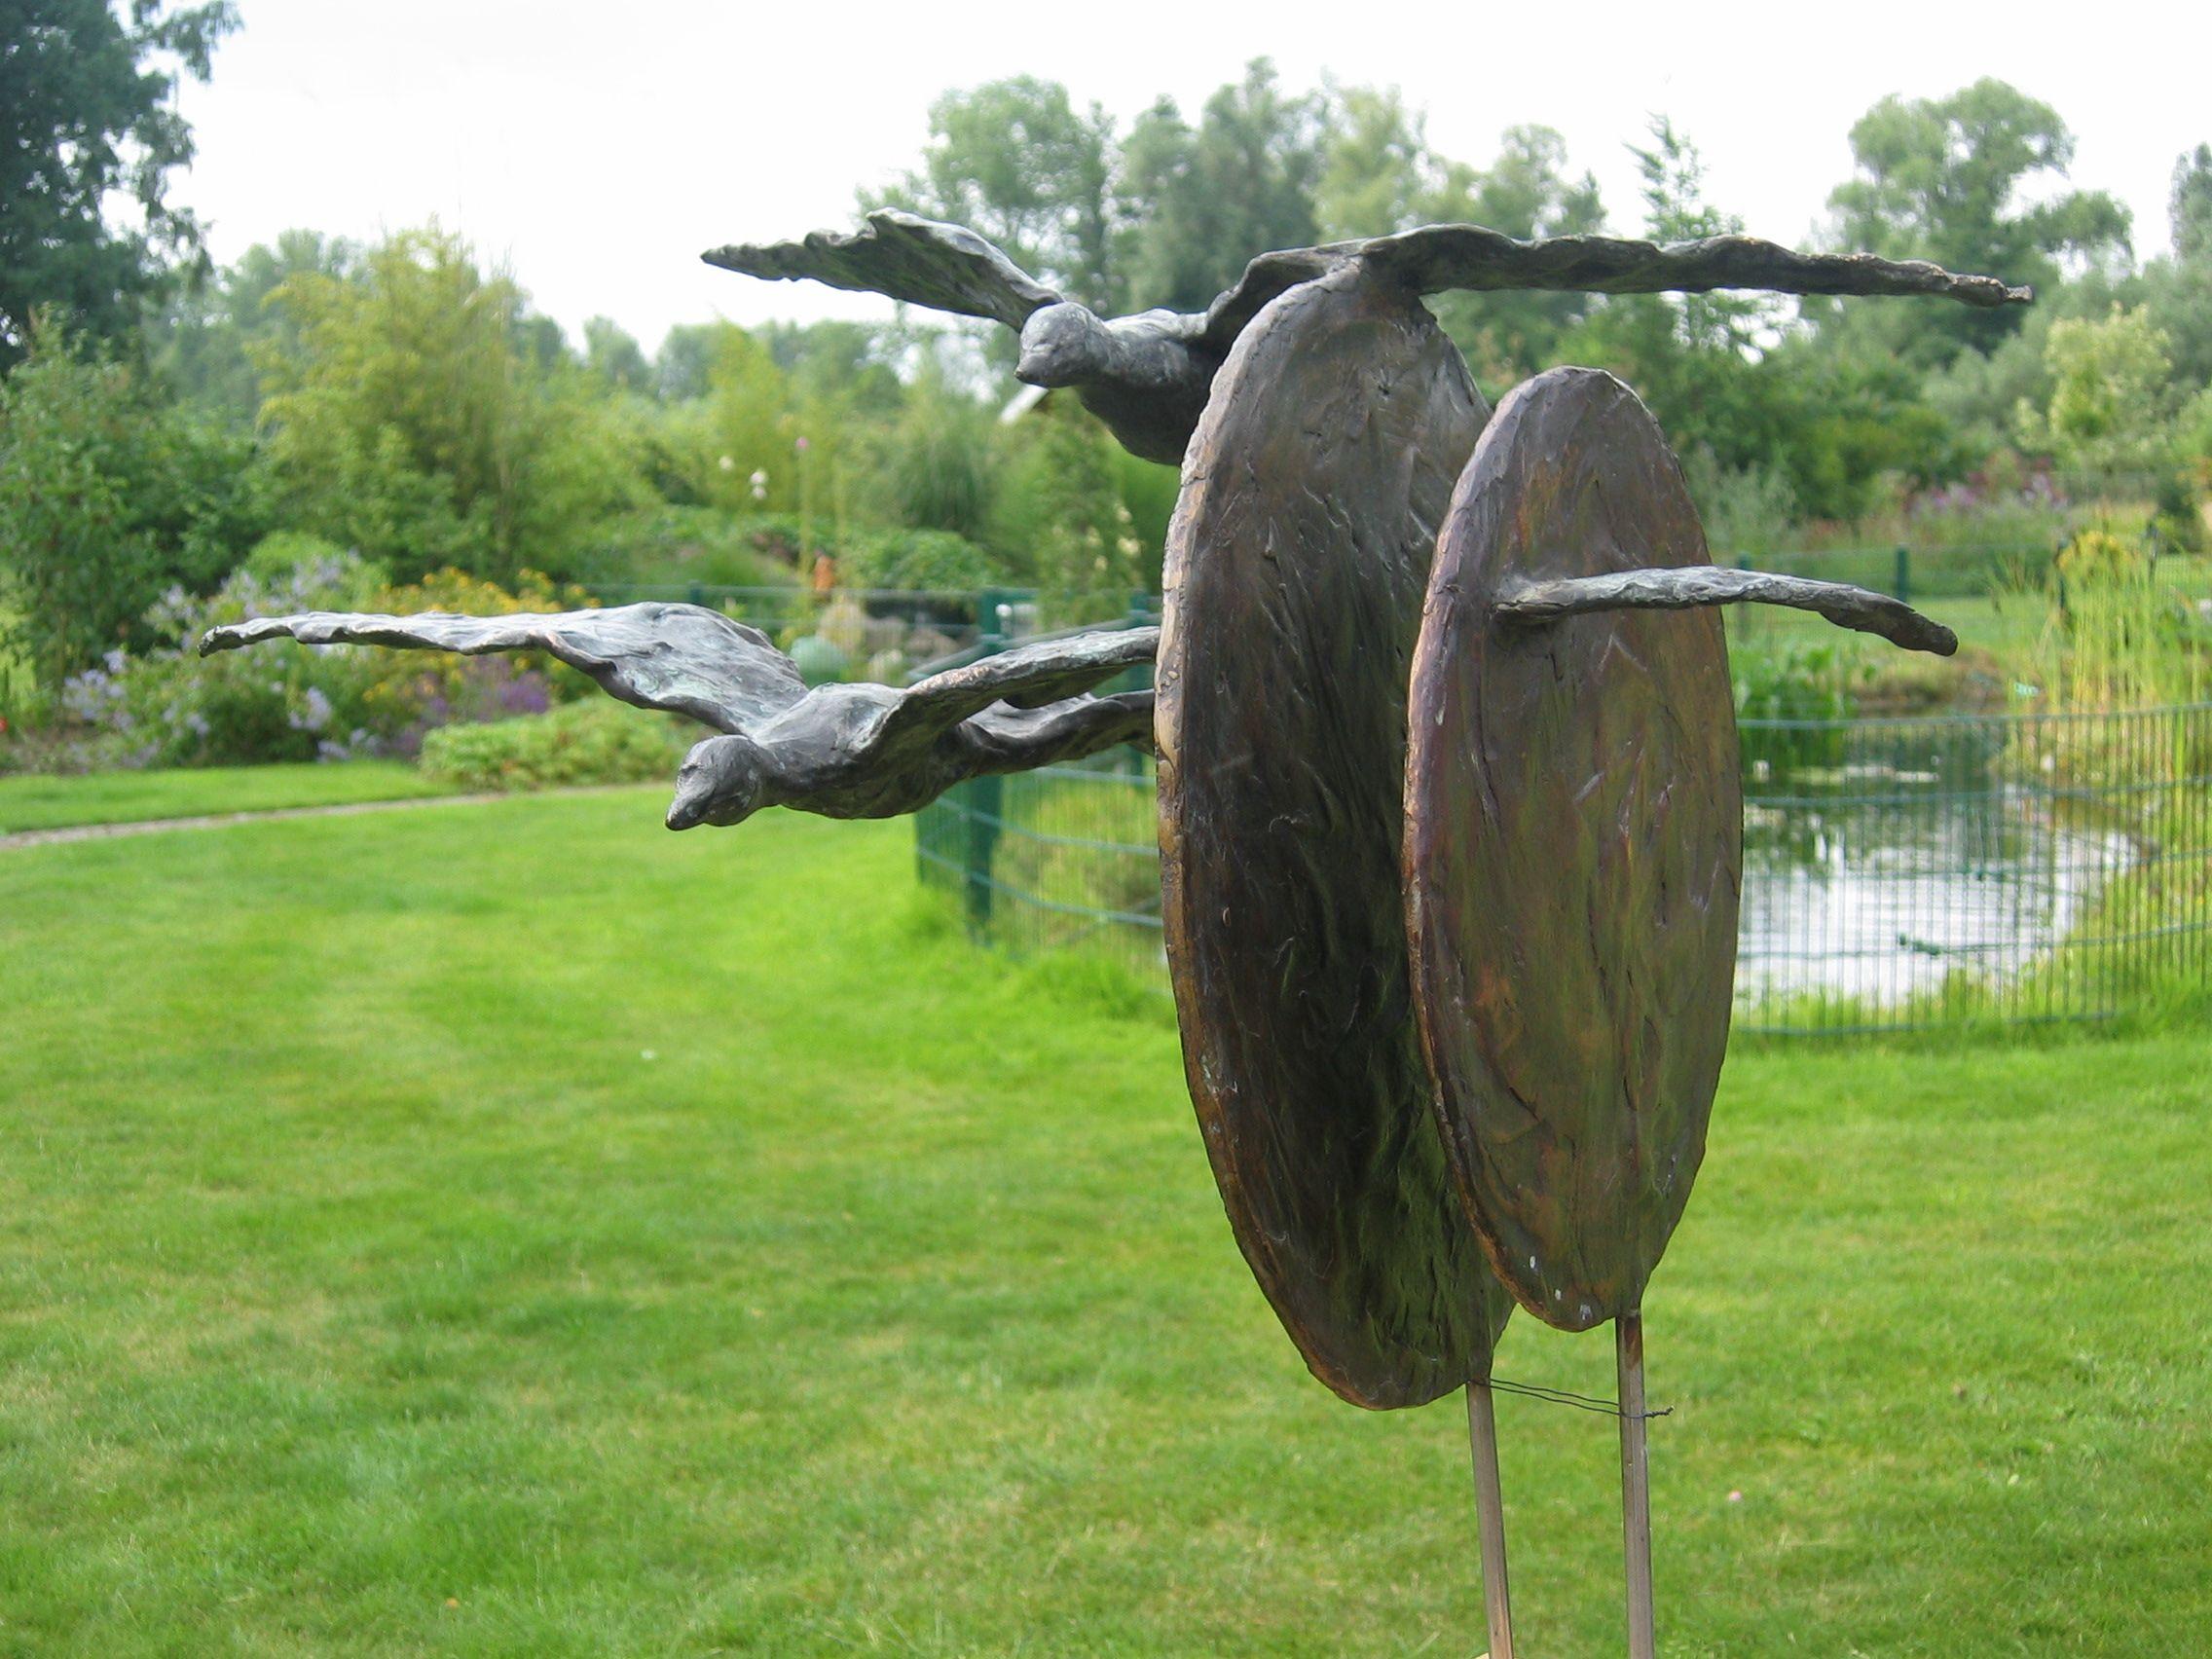 Tuinbeelden Brons Tuin : Beeld in opdracht relatiegeschenk bronzen vogels vogels bronzen